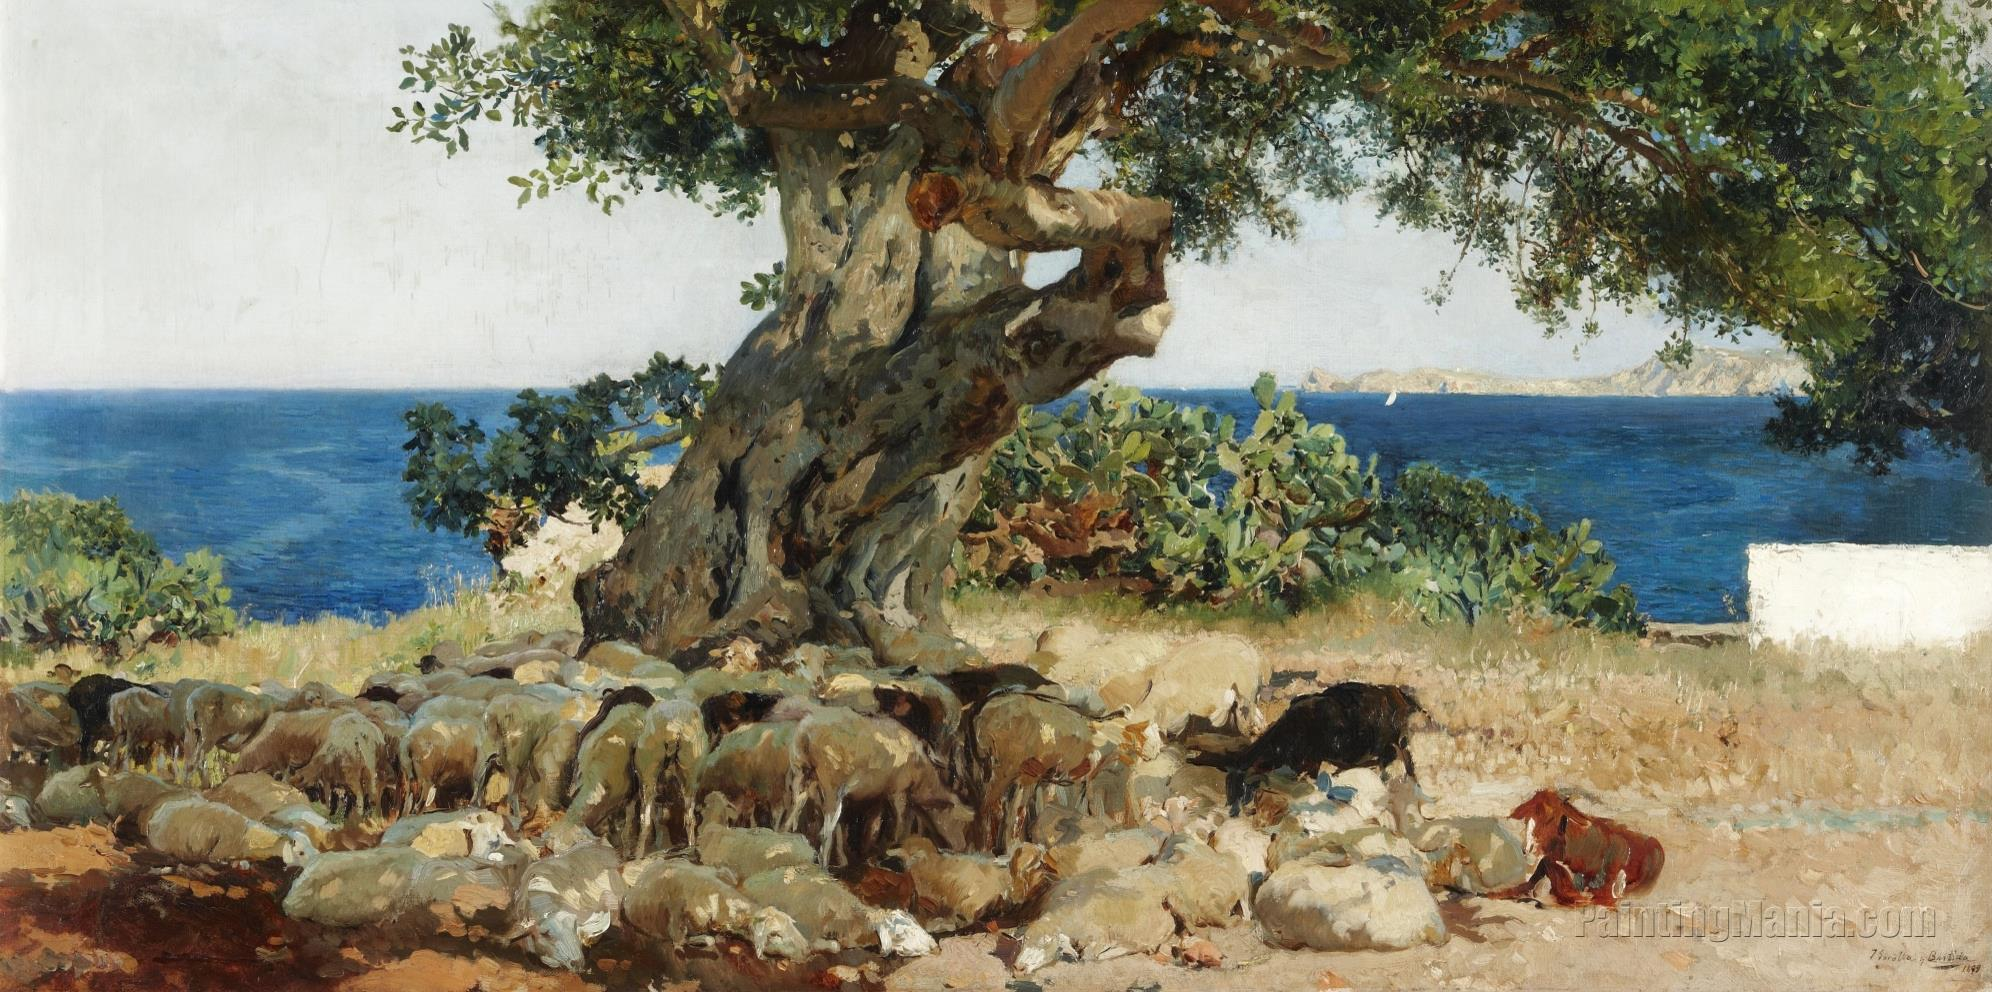 Algarrobo (The Carob Tree)